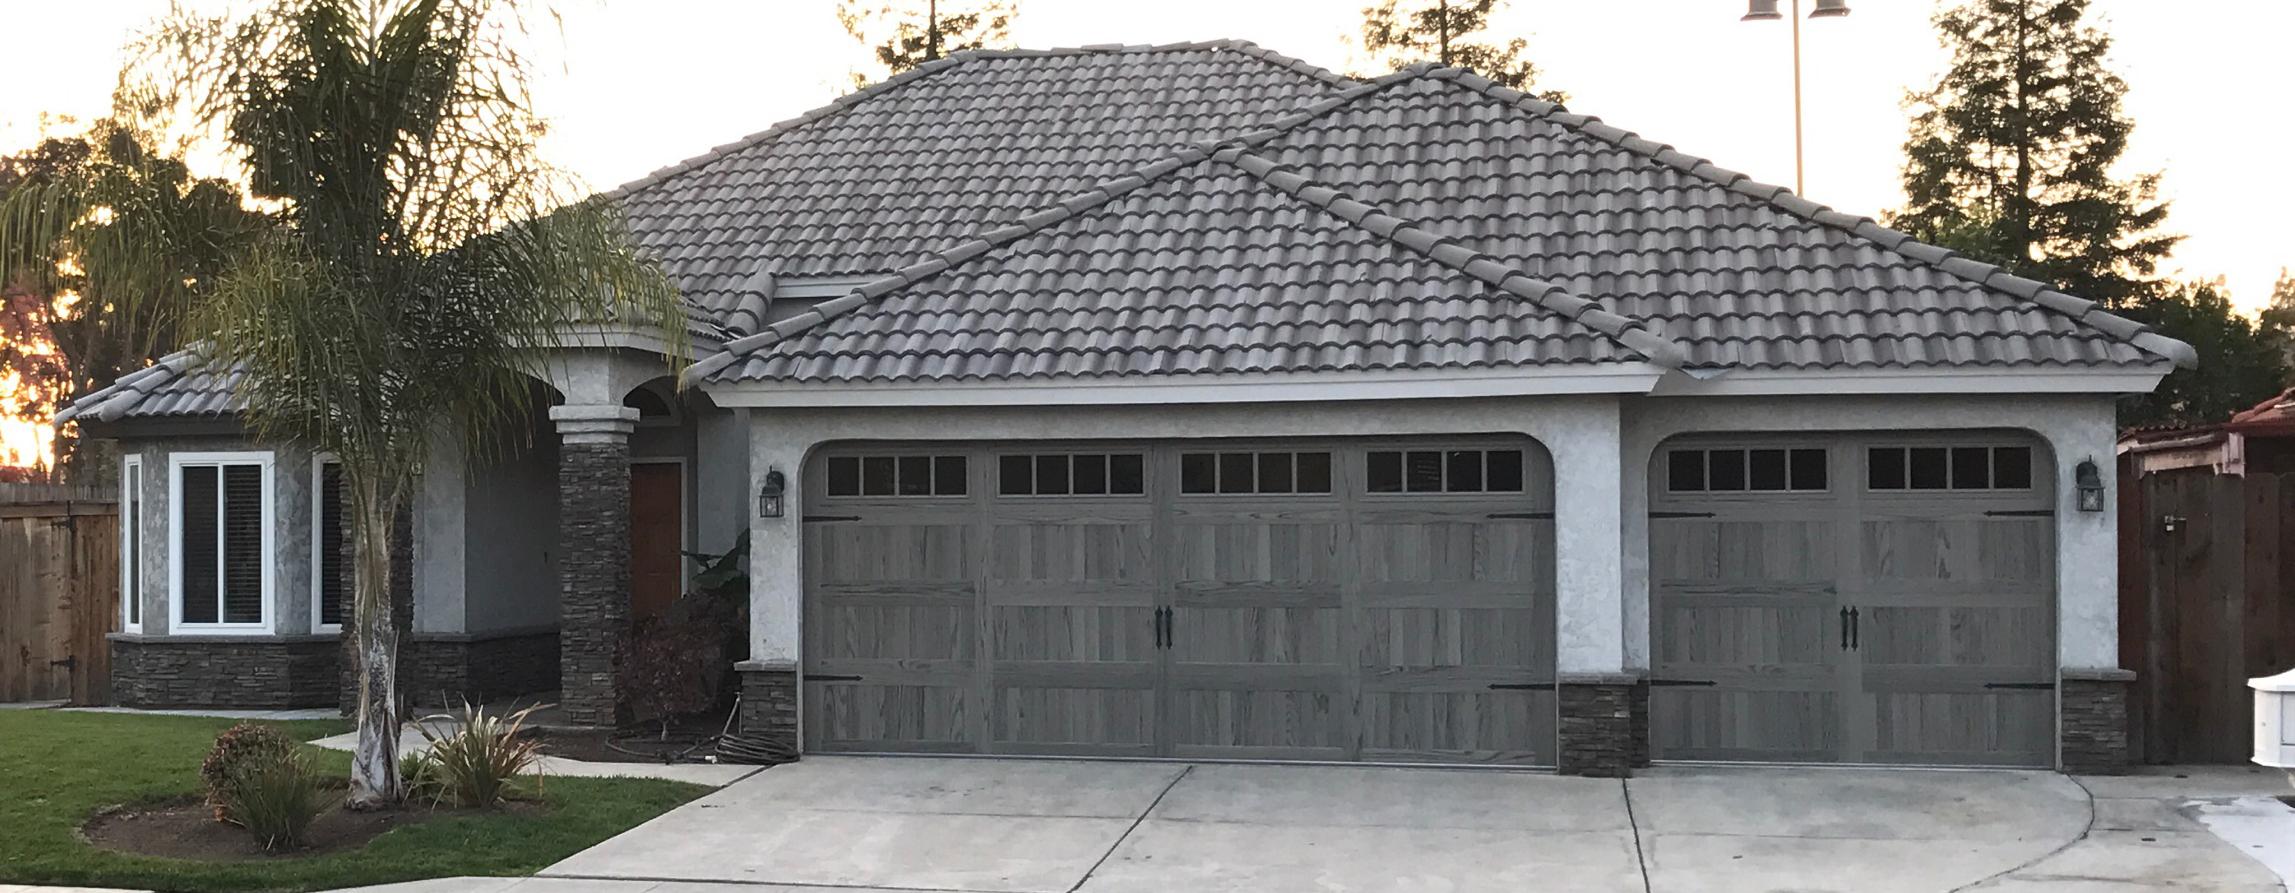 new-garage-door-lake-havasu-az